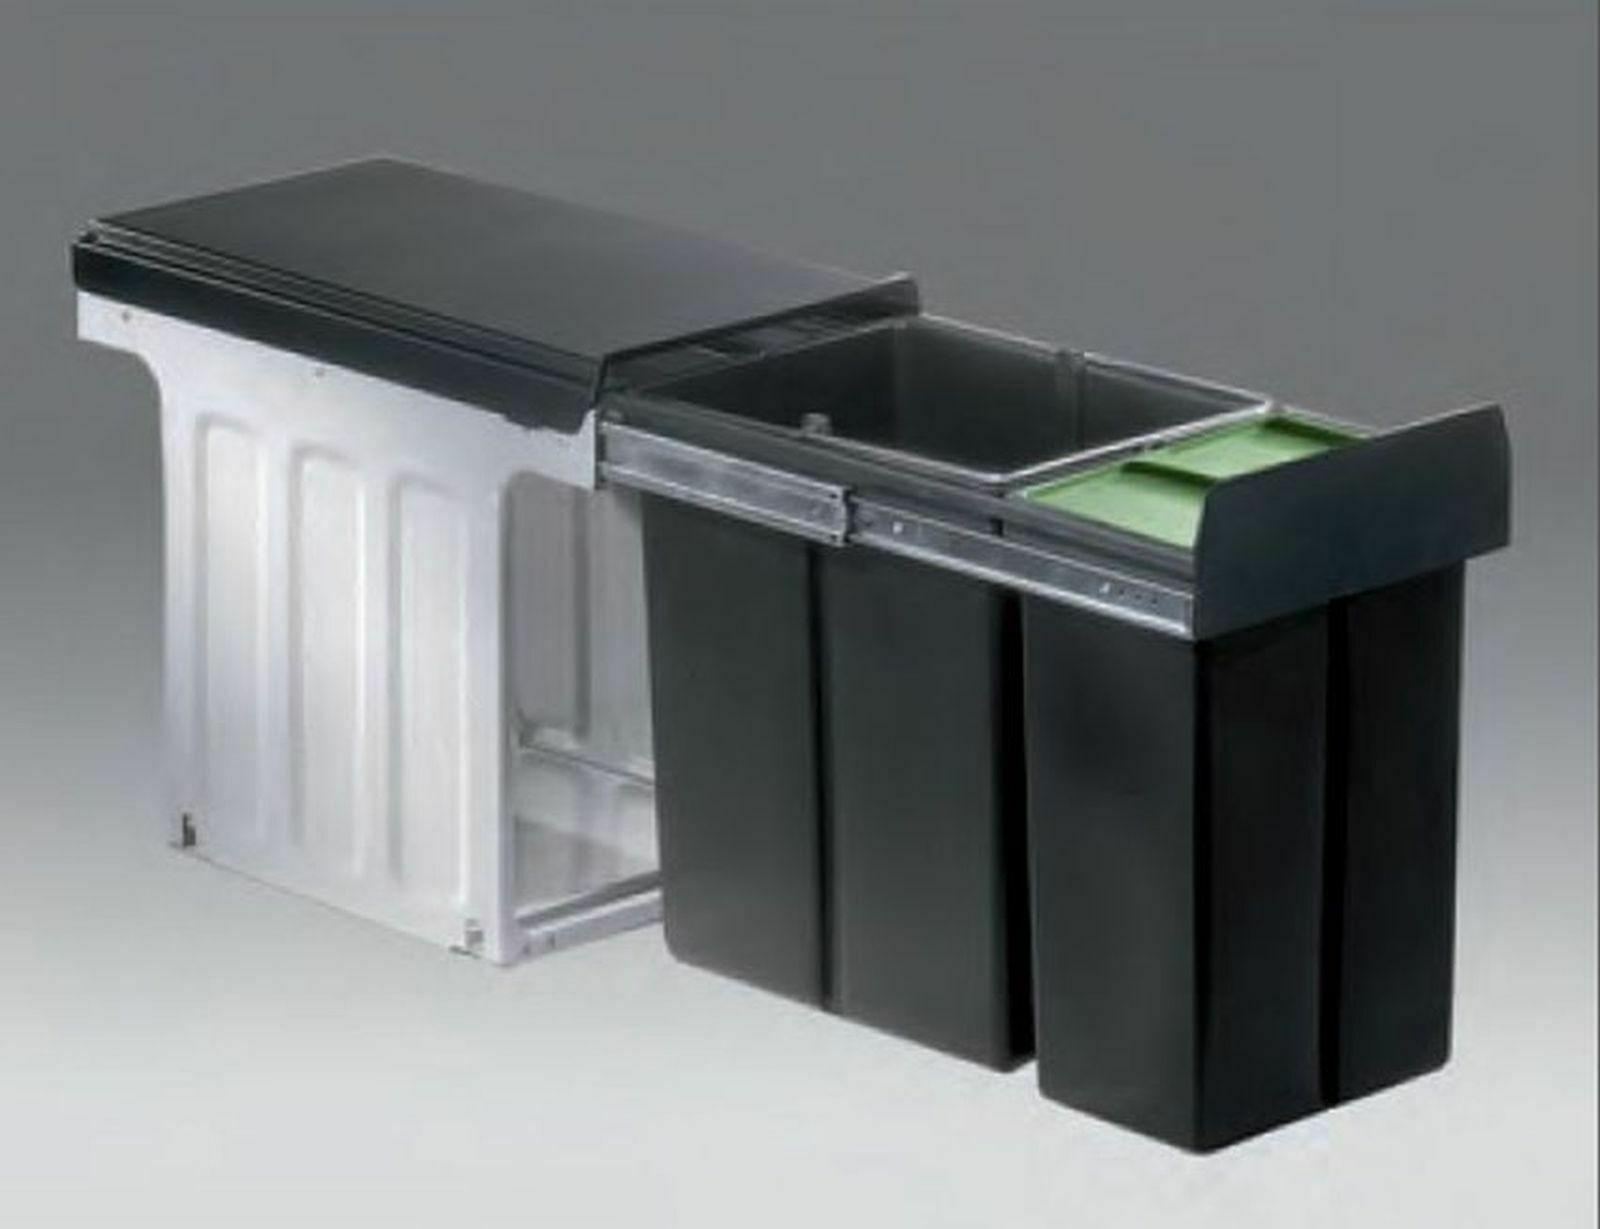 Einbau Mülleimer Küche 24 L Wesco Abfalleimer Mülltrennung ...